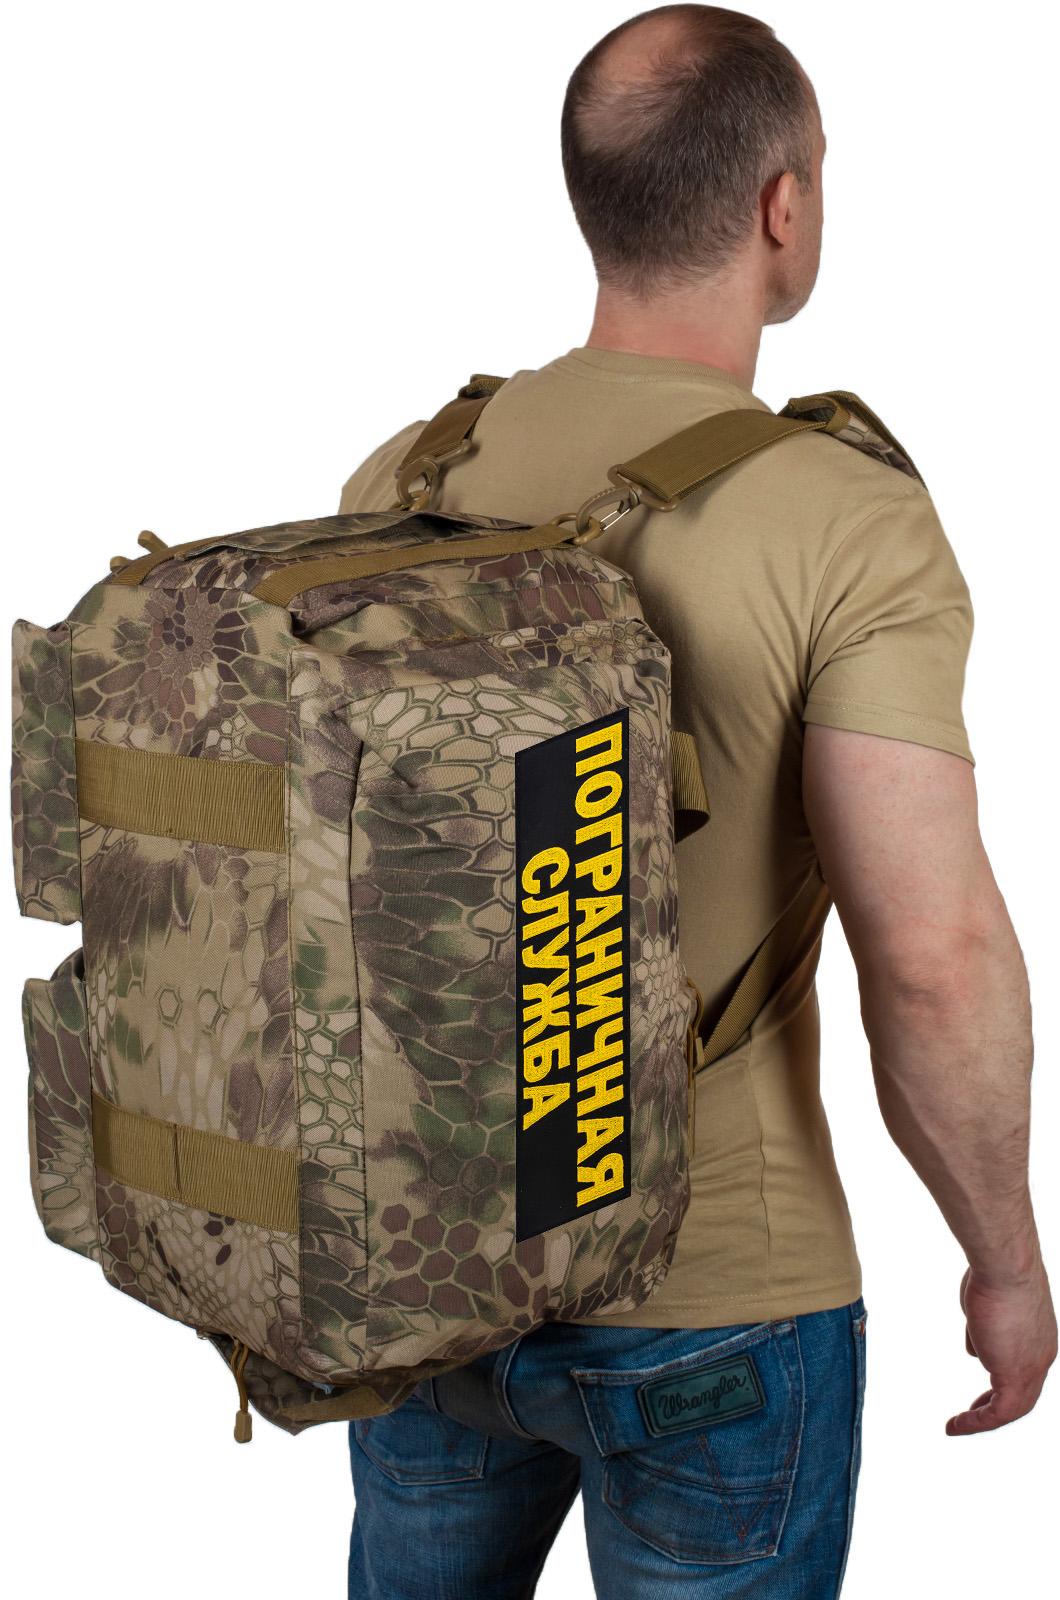 Купить камуфляжную сумку для походов Пограничная Служба по экономичной цене